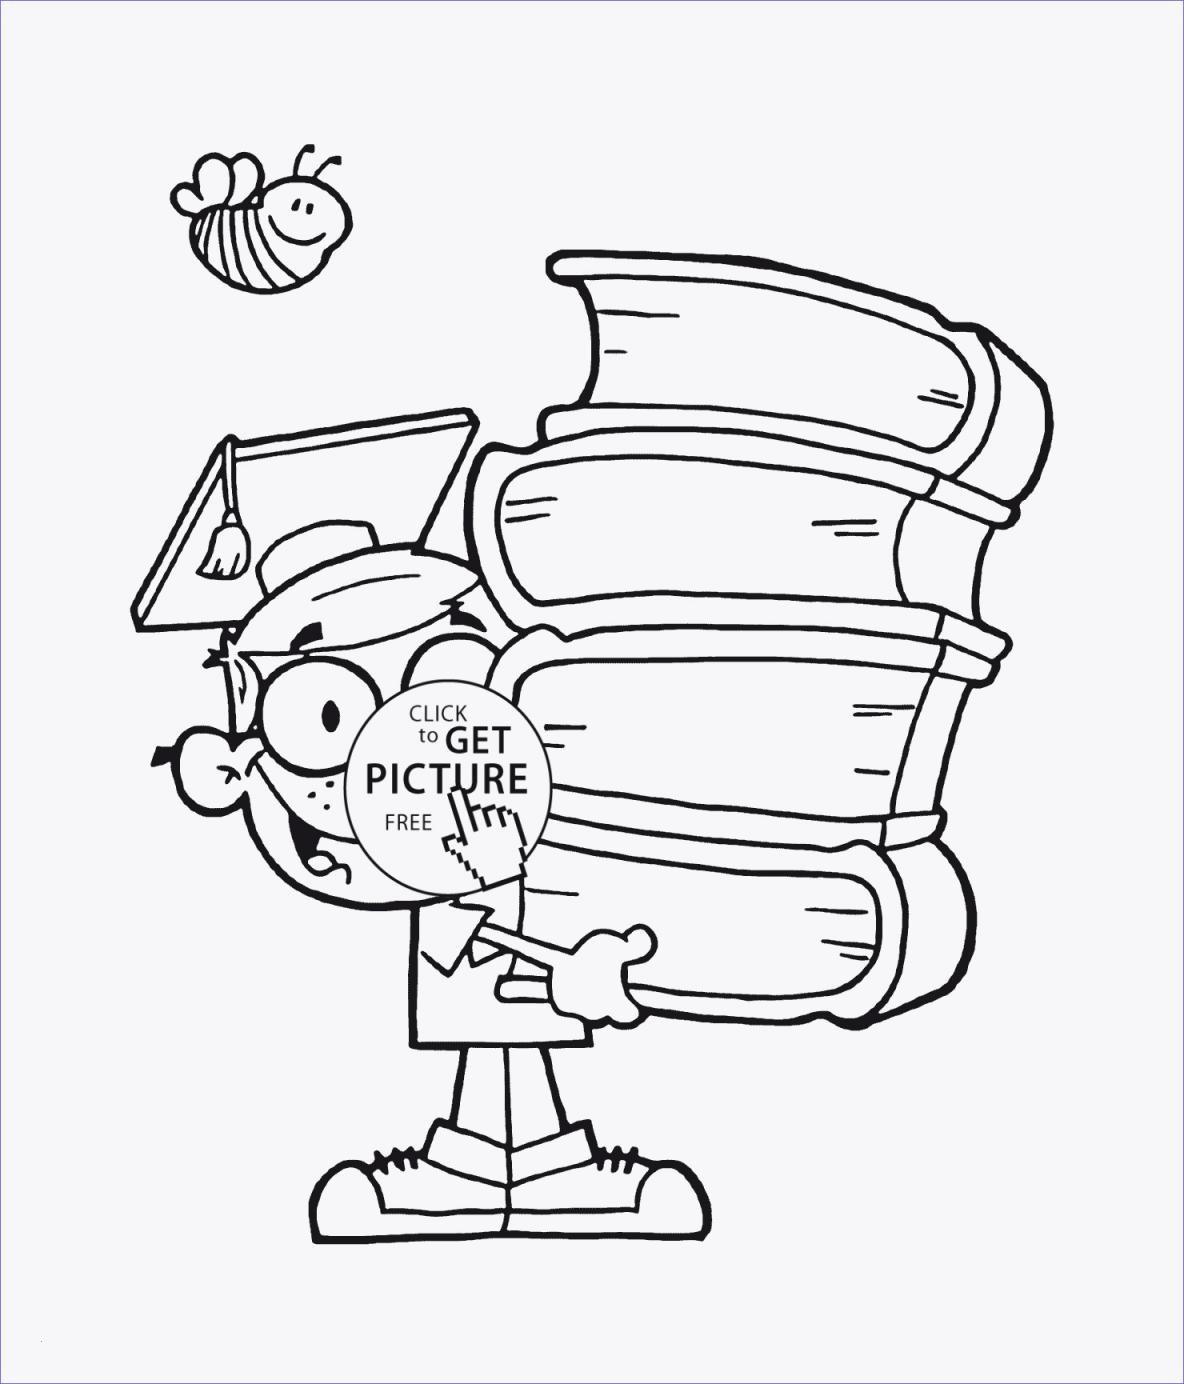 Herz Mandalas Zum Ausmalen Genial Malvorlagen Igel Frisch Igel Grundschule 0d Archives Uploadertalk Bild